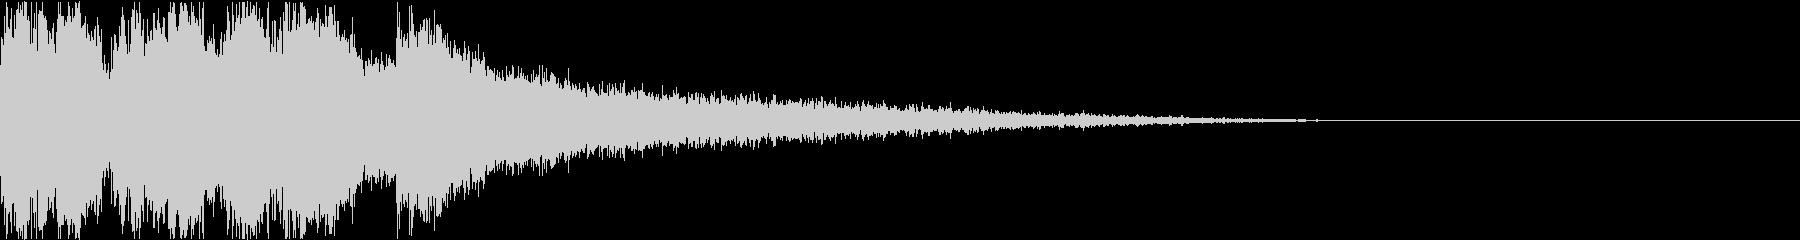 スタート アイテム 使う レベルアップ2の未再生の波形